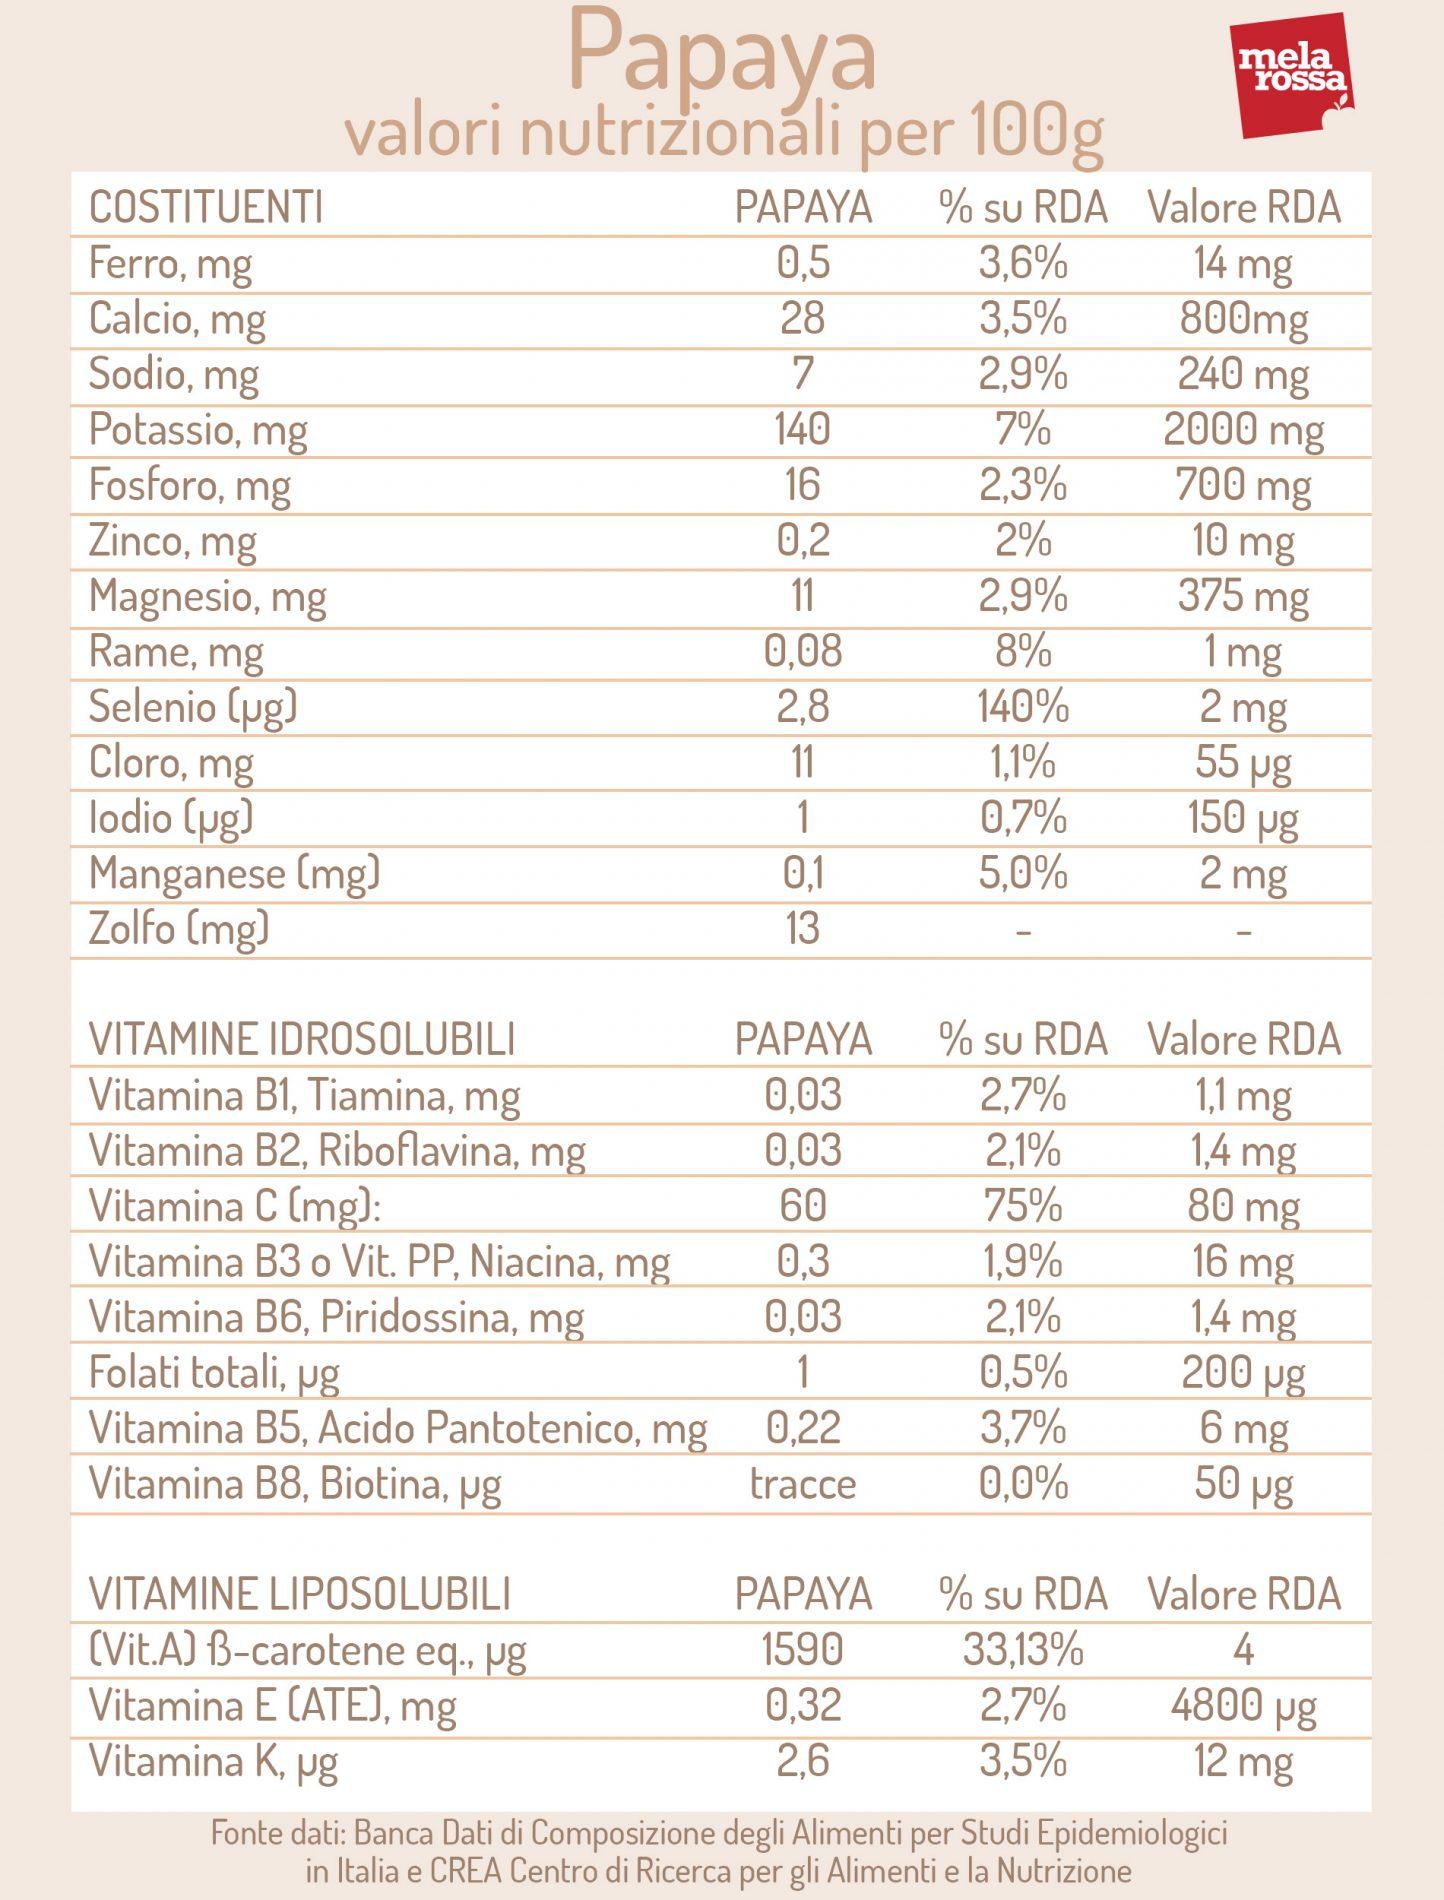 Papaya: valori nutrizionali